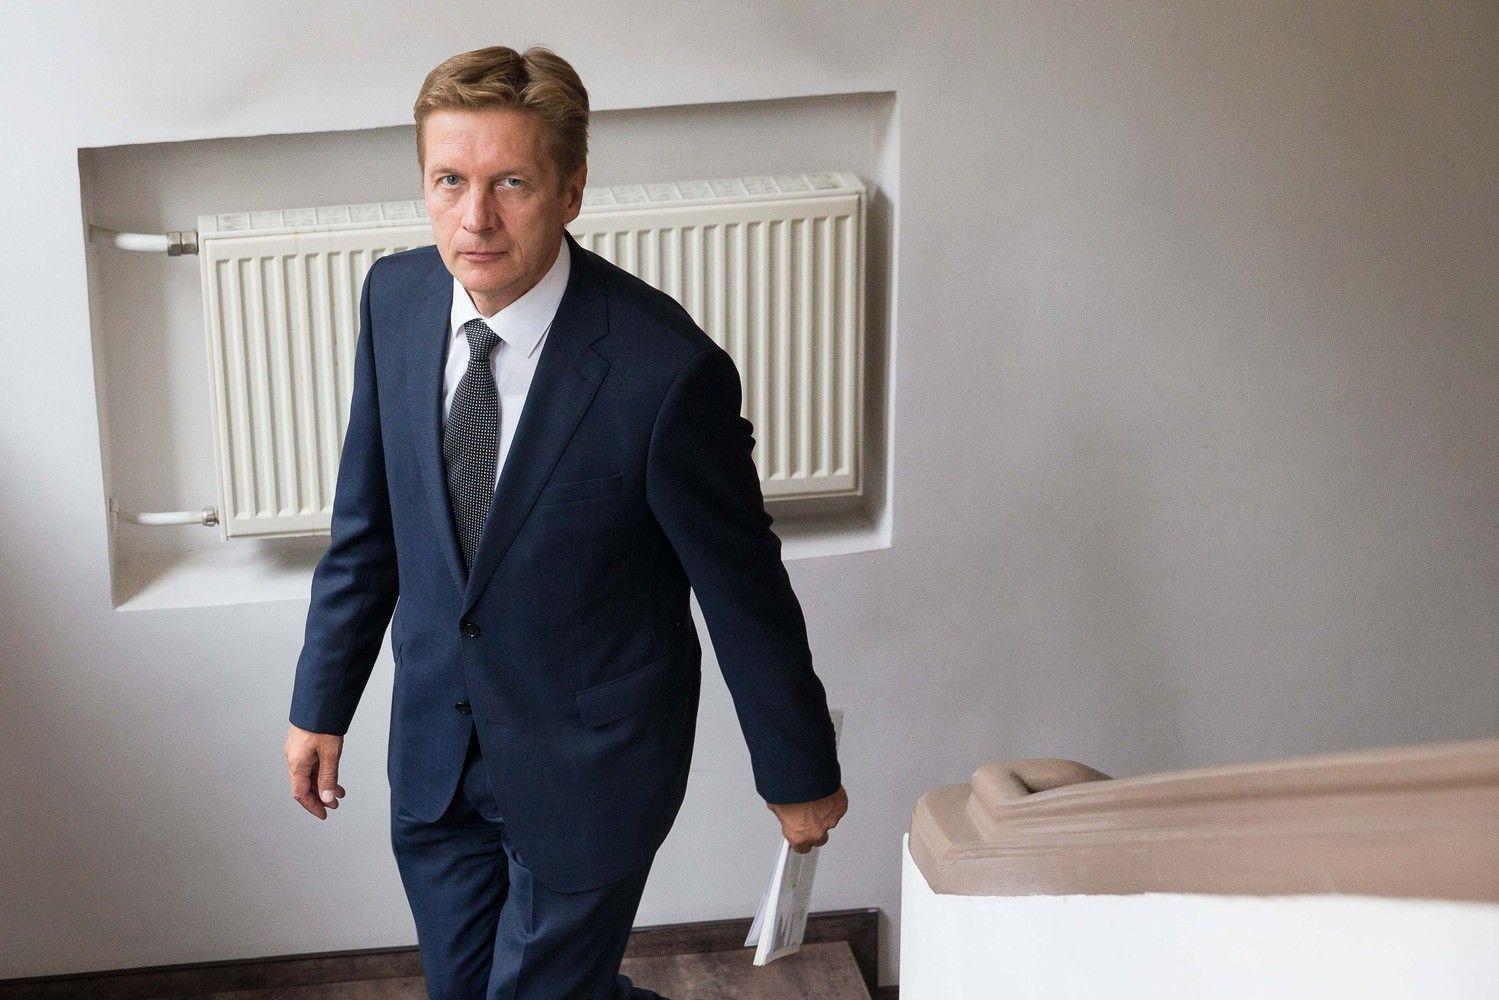 Klaipėdos uosto vadovas A. Vaitkus išeina atostogų, nušalinamas nuo dalies sprendimų